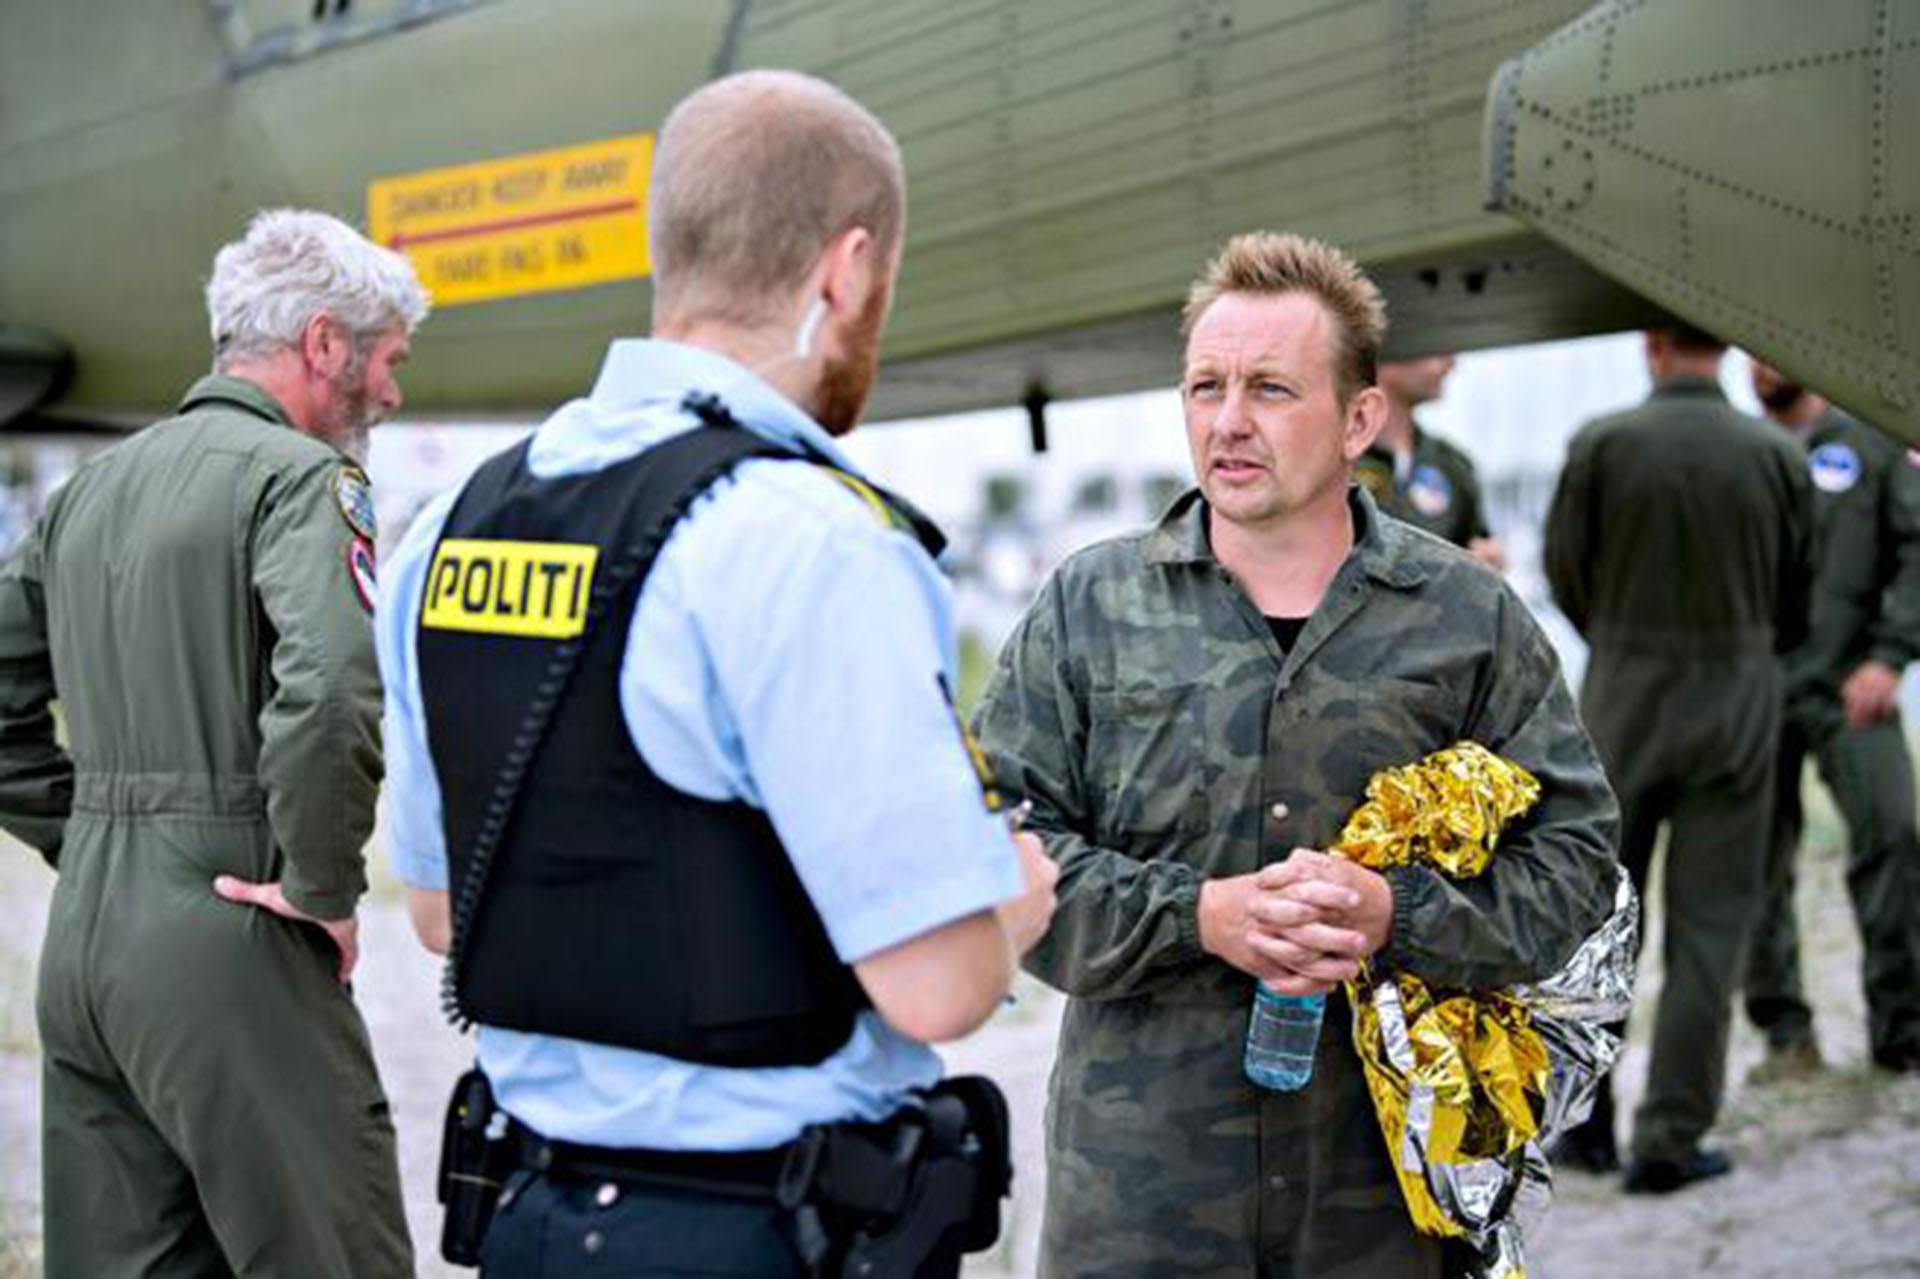 El sospechoso, Peter Madsen, con la policía junto al submarino (Bax Lindhardt / AFP)